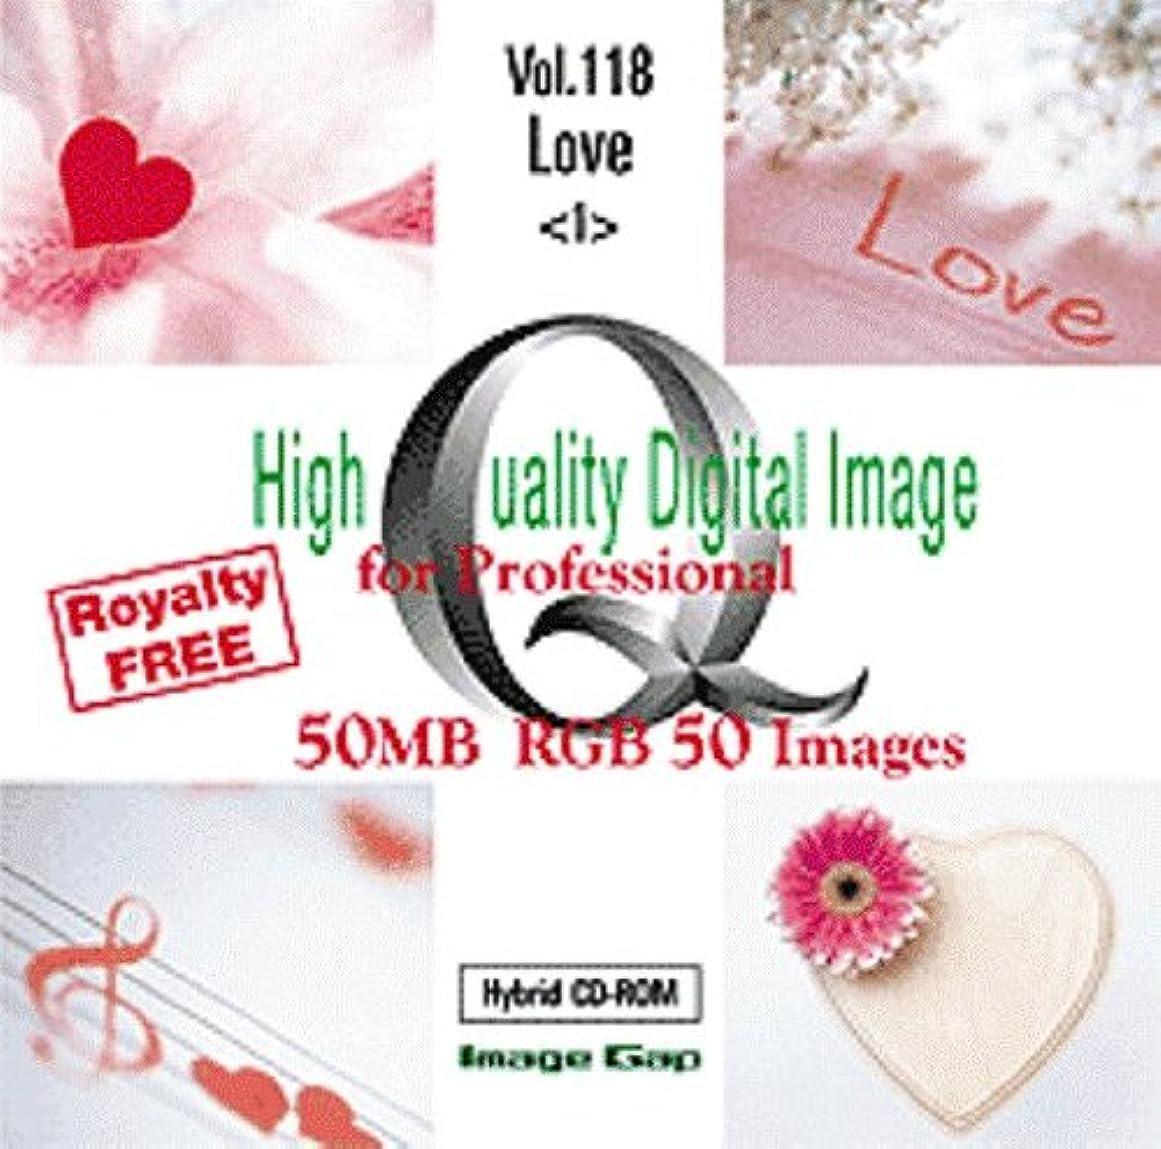 レビュアーポップ人気High Quality Digital Image for Professional Love <1>